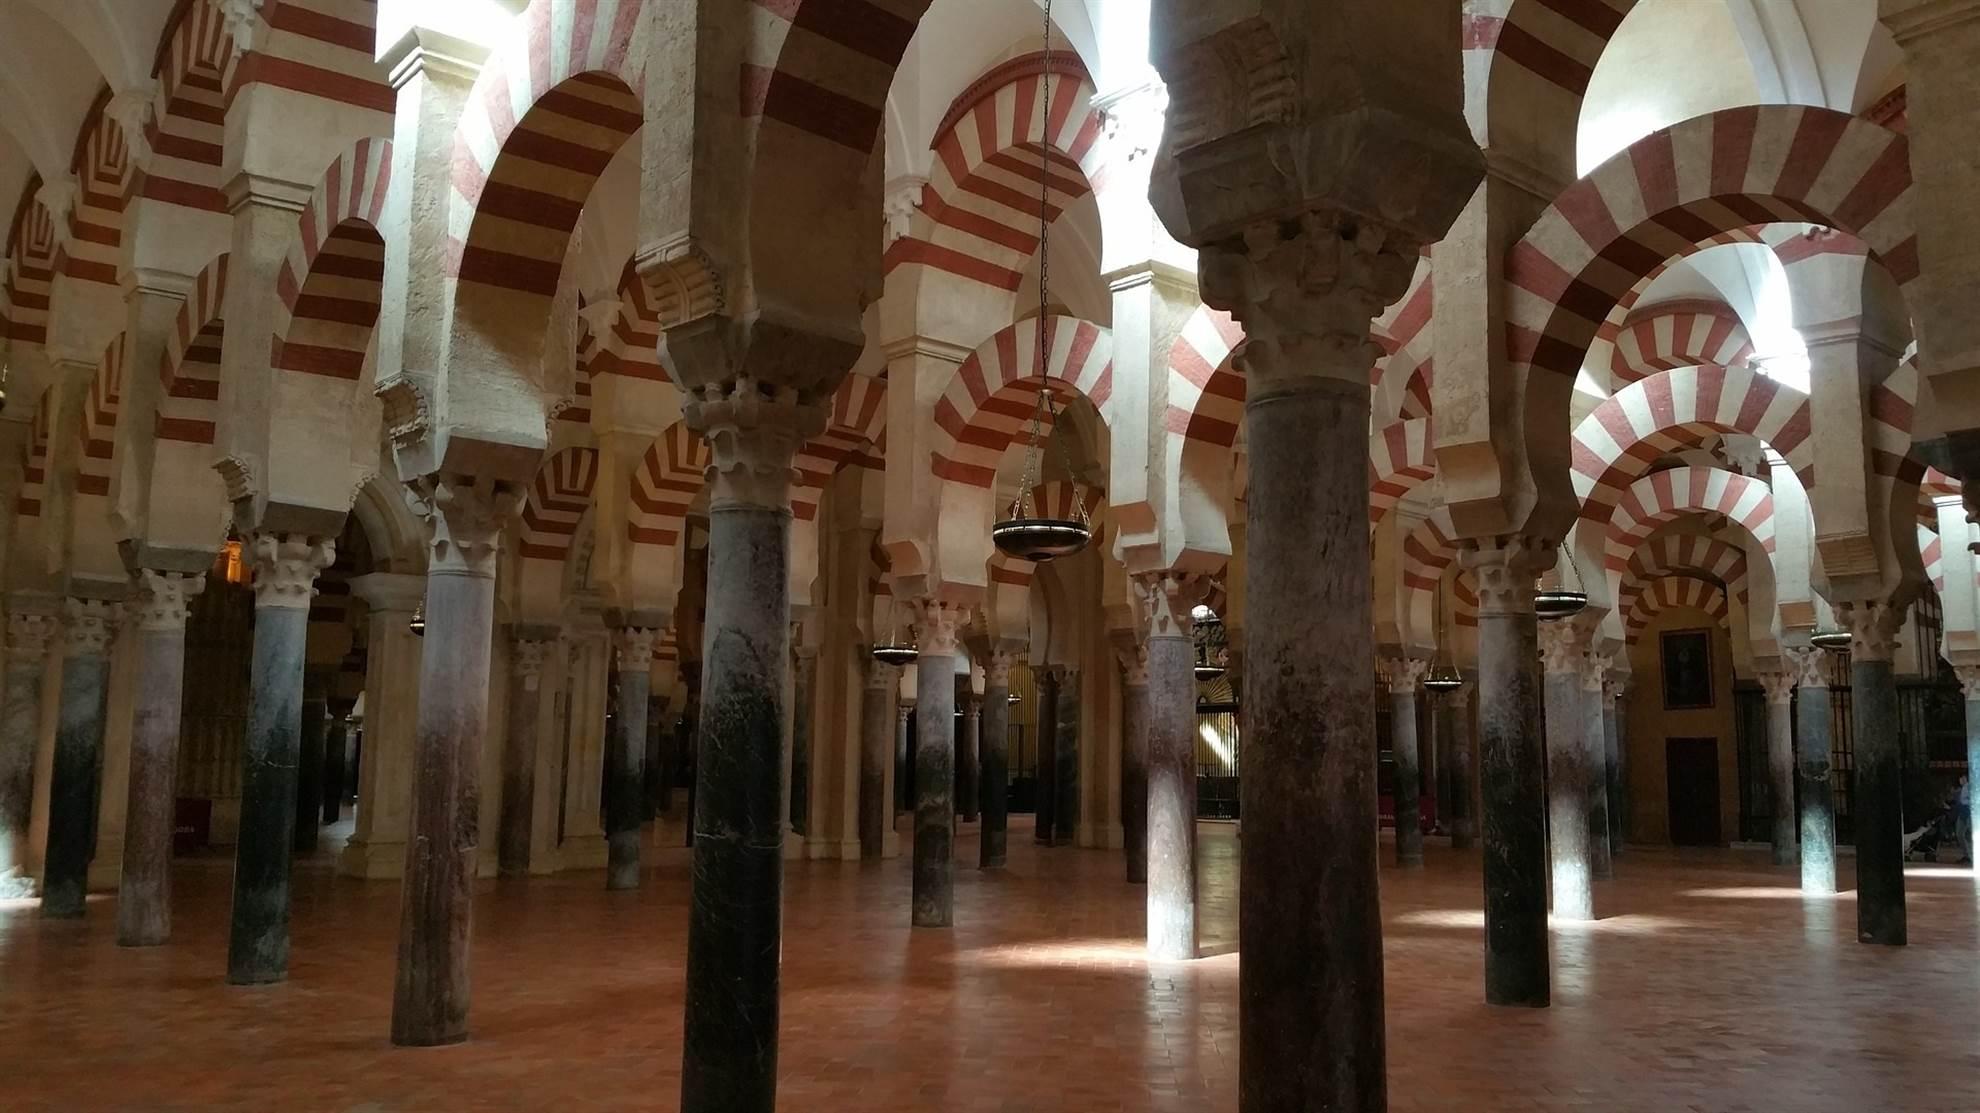 Mezquita-Kathedralen: Geführte Tour